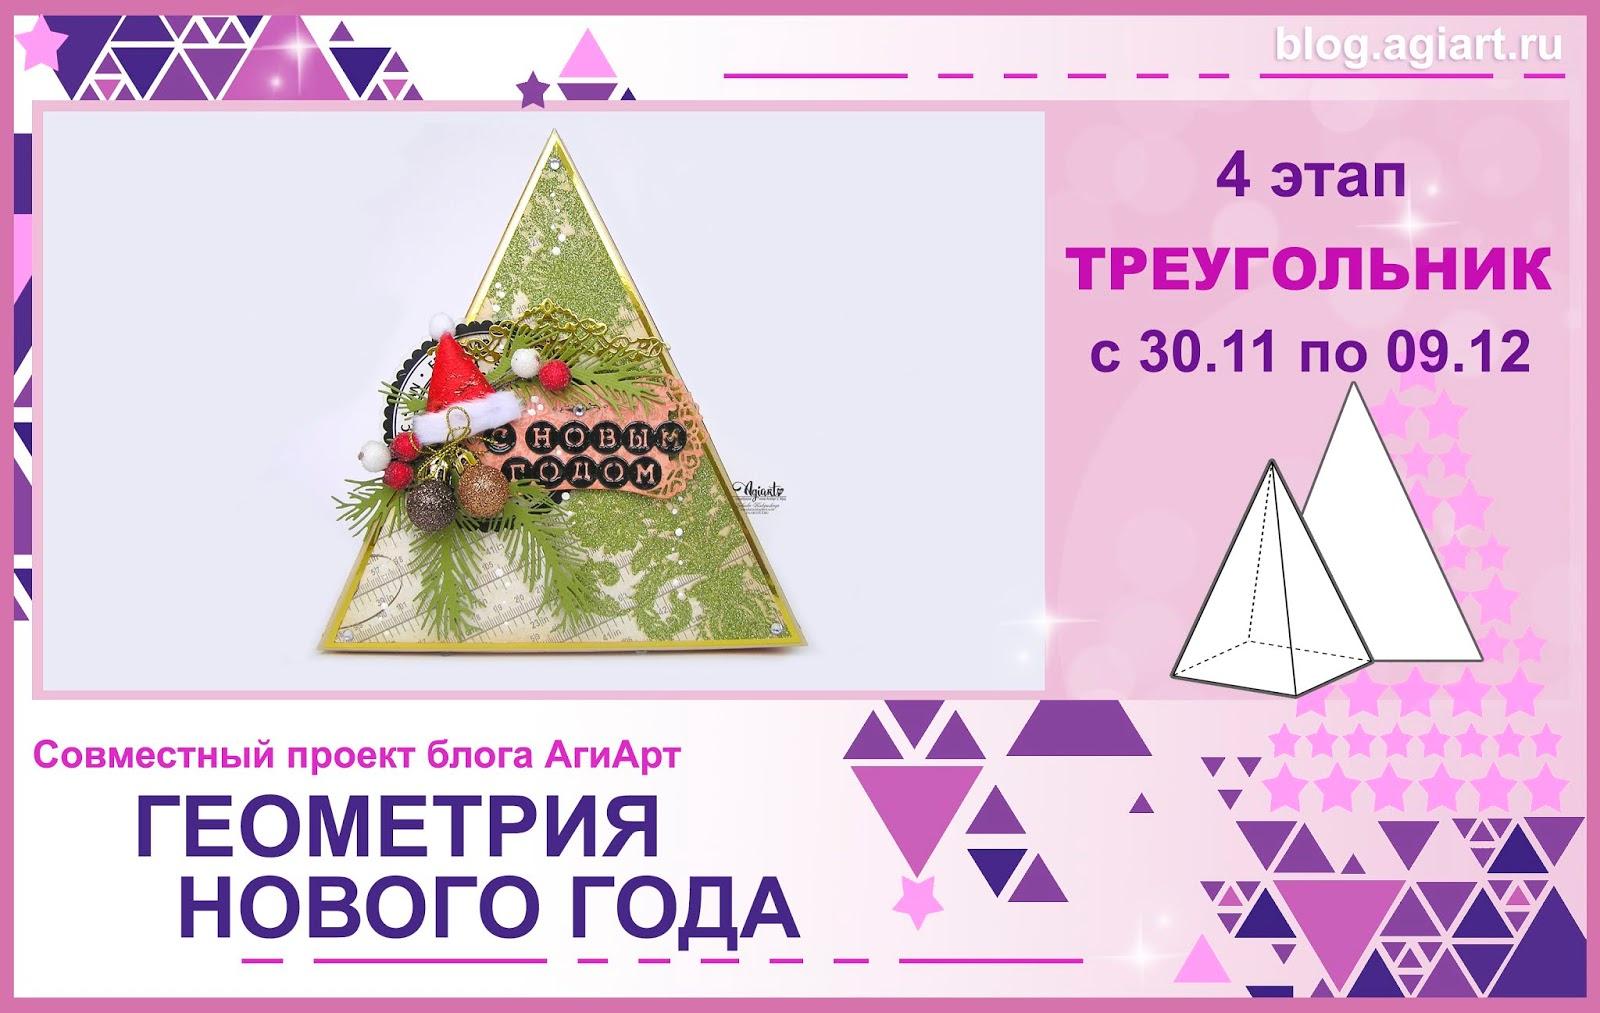 """СП """"ГЕОМЕТРИЯ НОВОГО ГОДА"""" - 4 ЭТАП """"ТРЕУГОЛЬНИК"""", 09/12"""